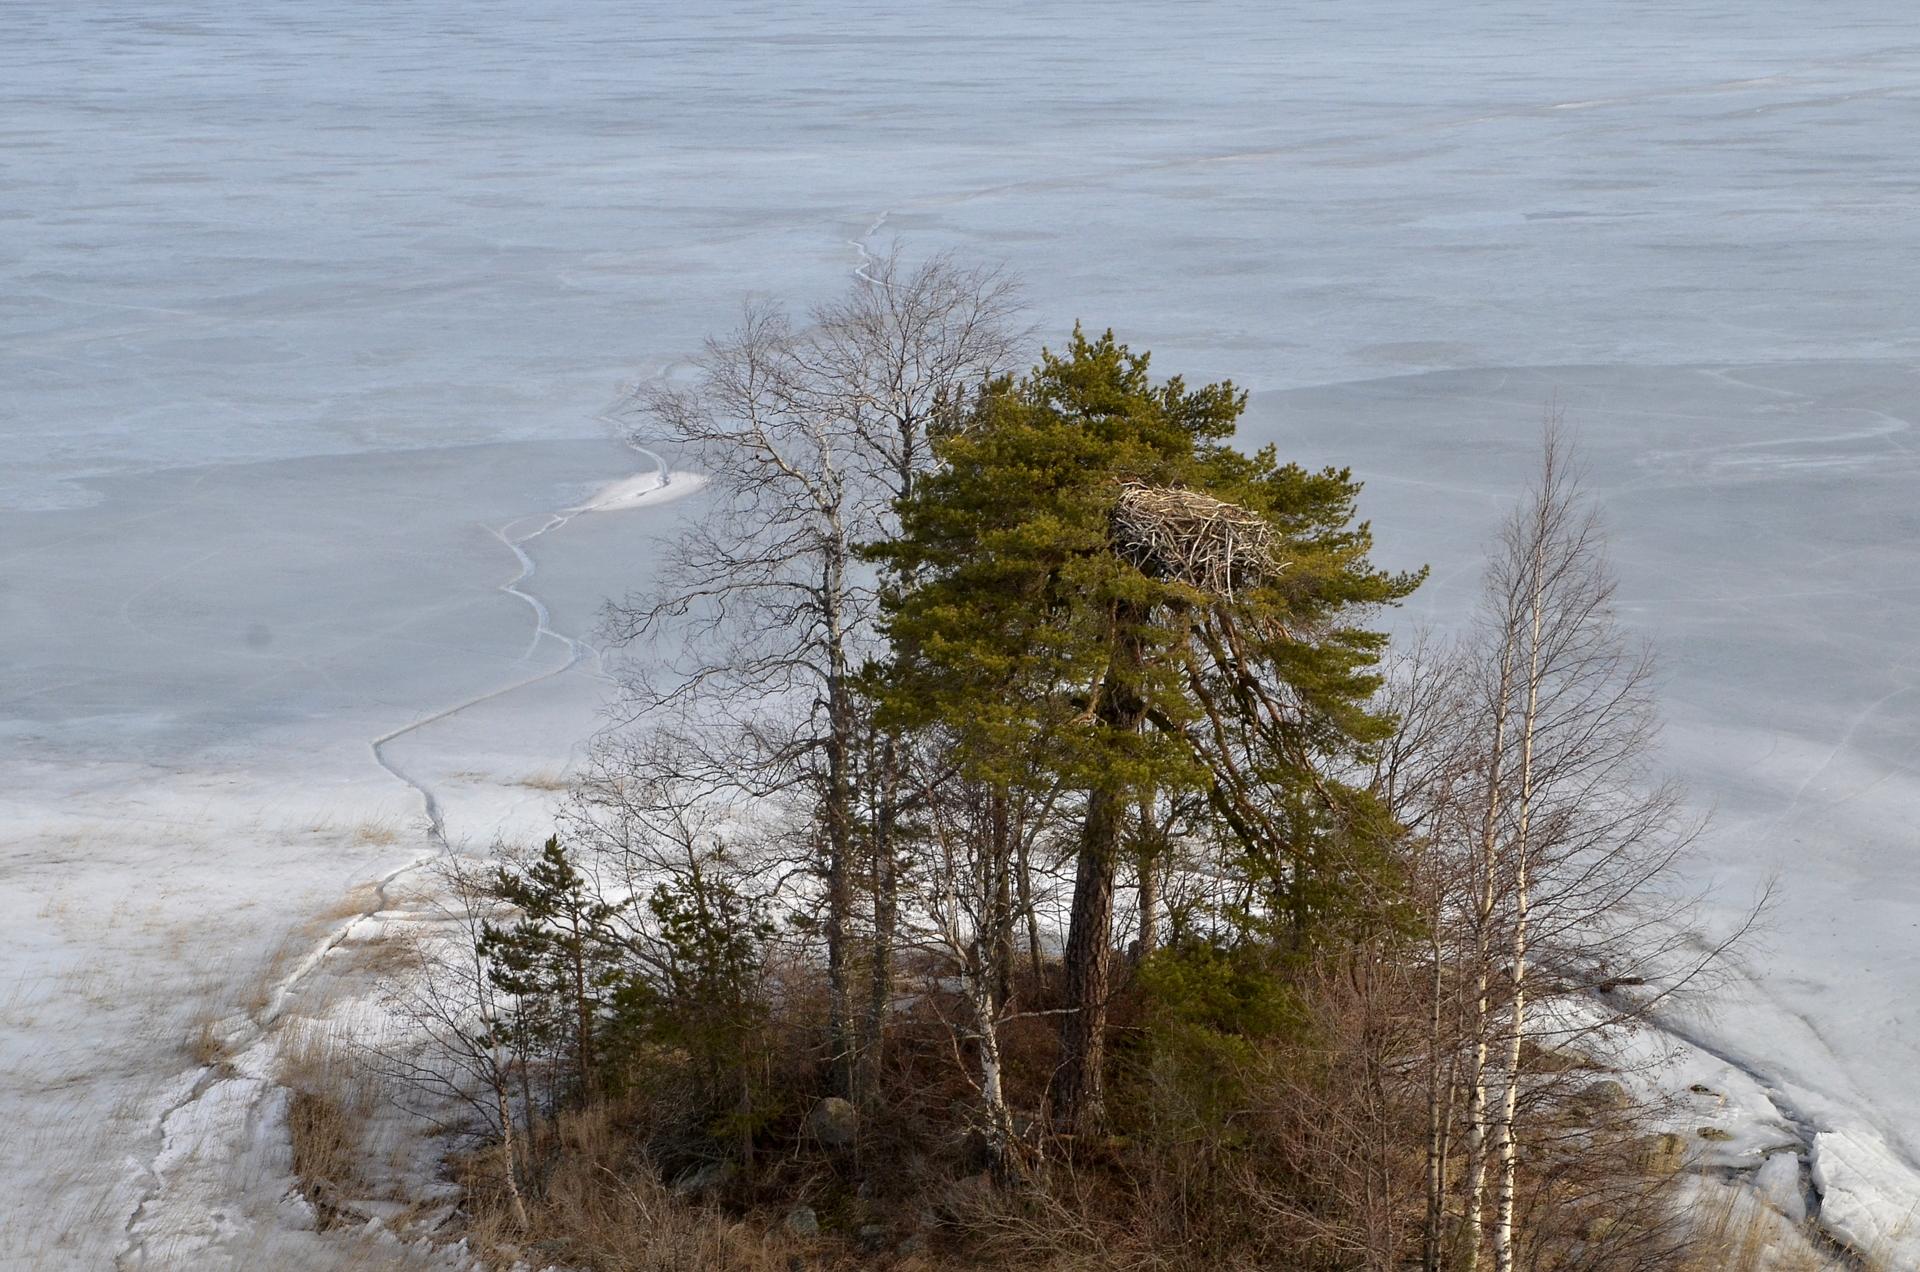 Koivuselän Yksipuisen ja Kalasääksen pesä. Toinen saman niminen saari on myös Räihänselällä.